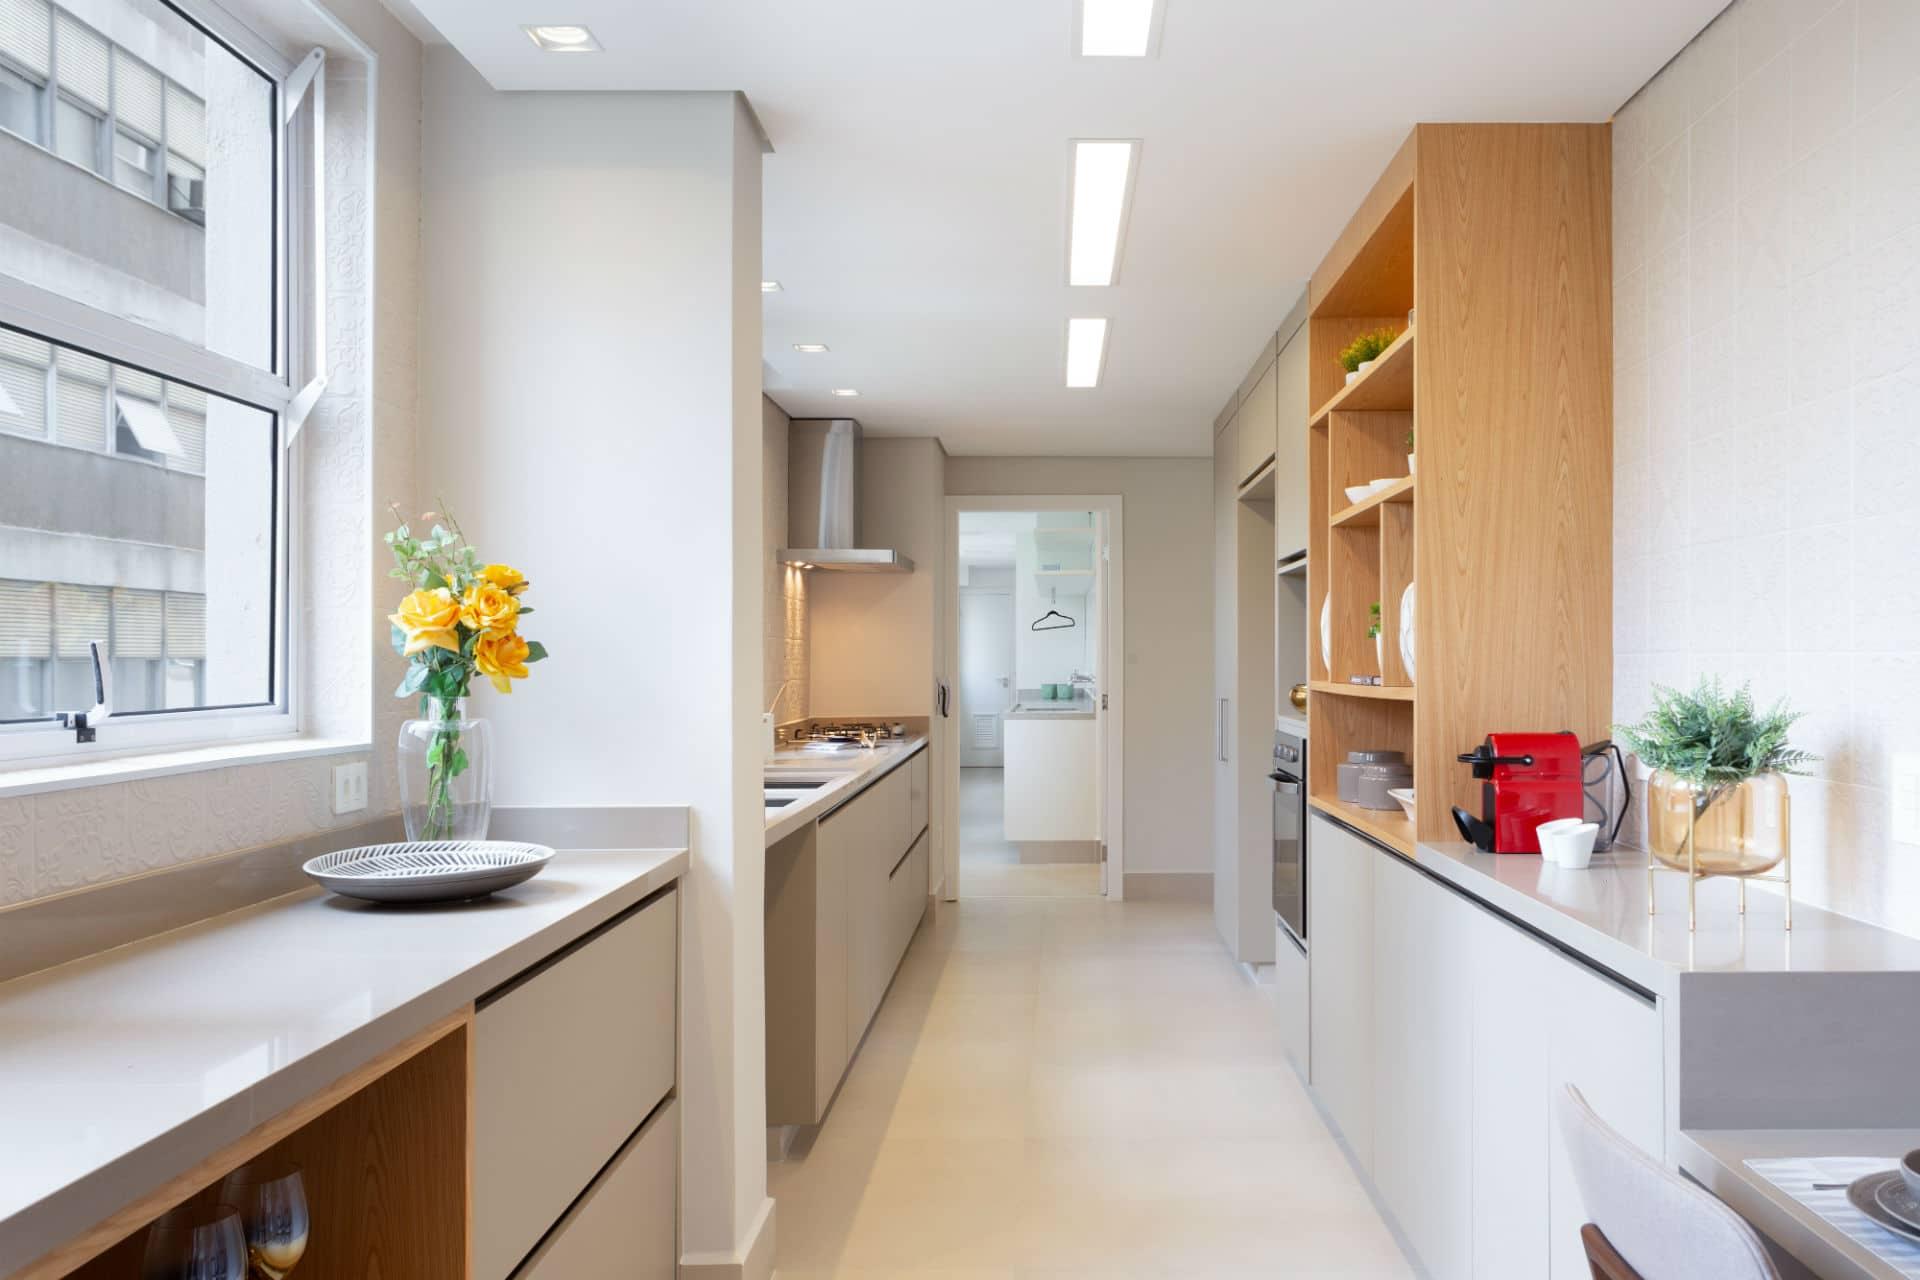 Antes & Depois: confira como a reforma transformou a cozinha deste apartamento dos Jardins em SP